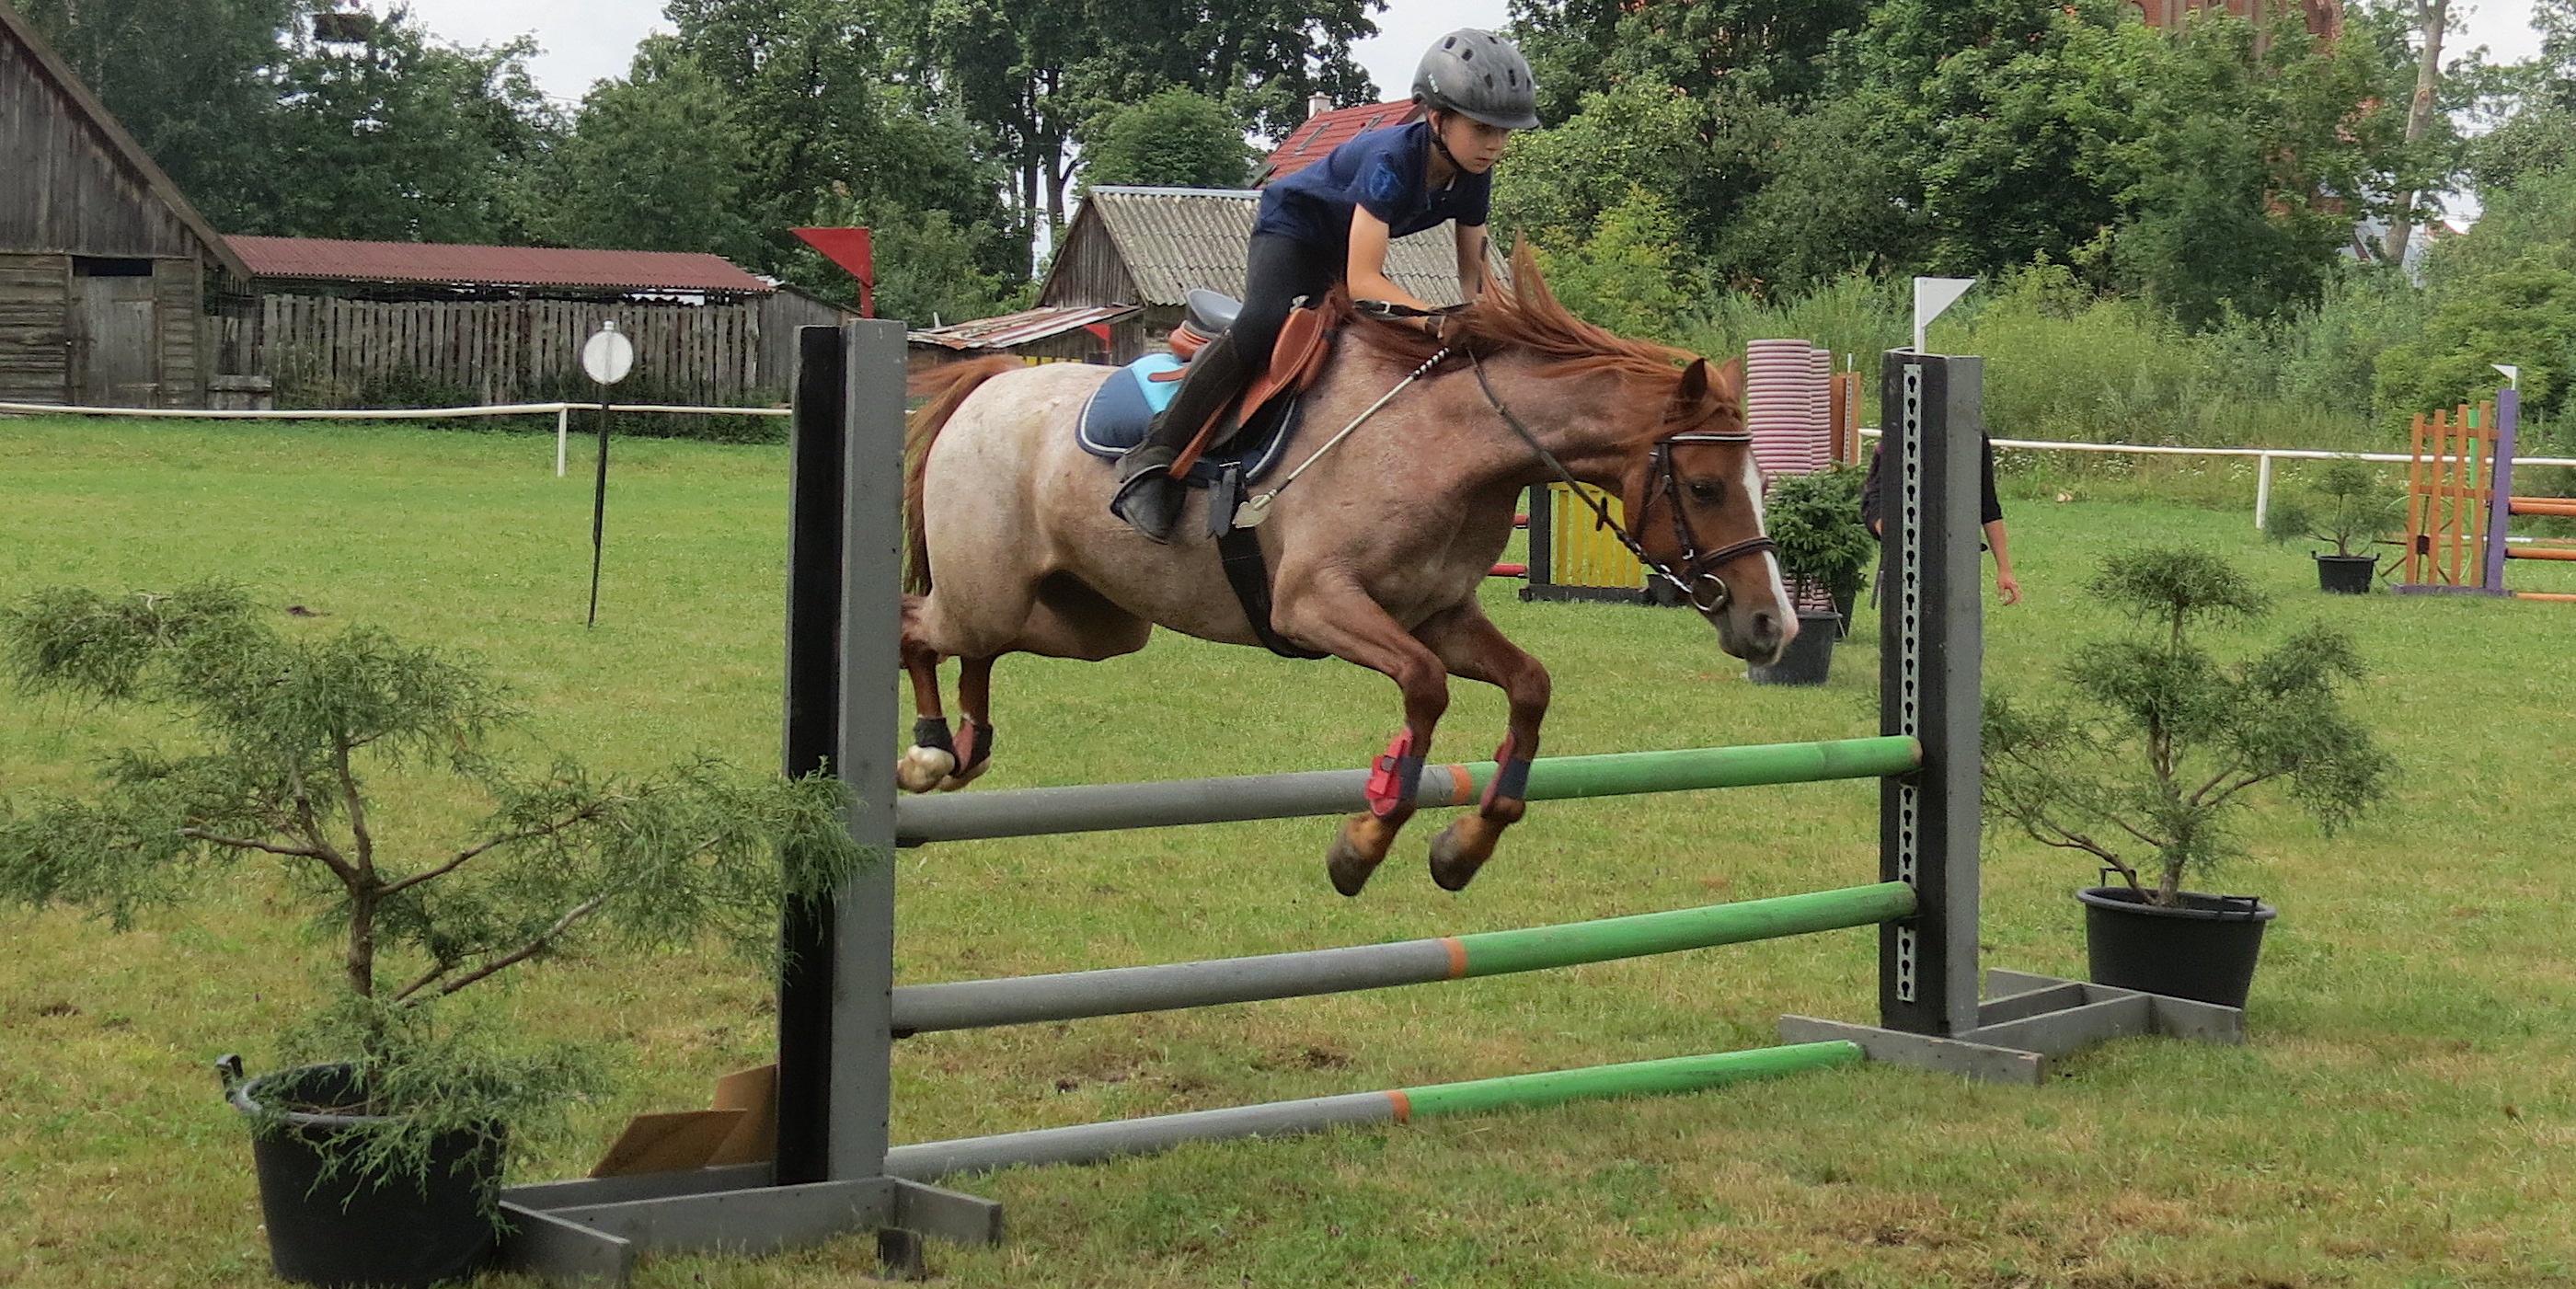 cad5d0125460c W Żegotach odbyły się po raz piąty Regionalne Zawody Jeździeckie w Skokach  Przez Przeszkody